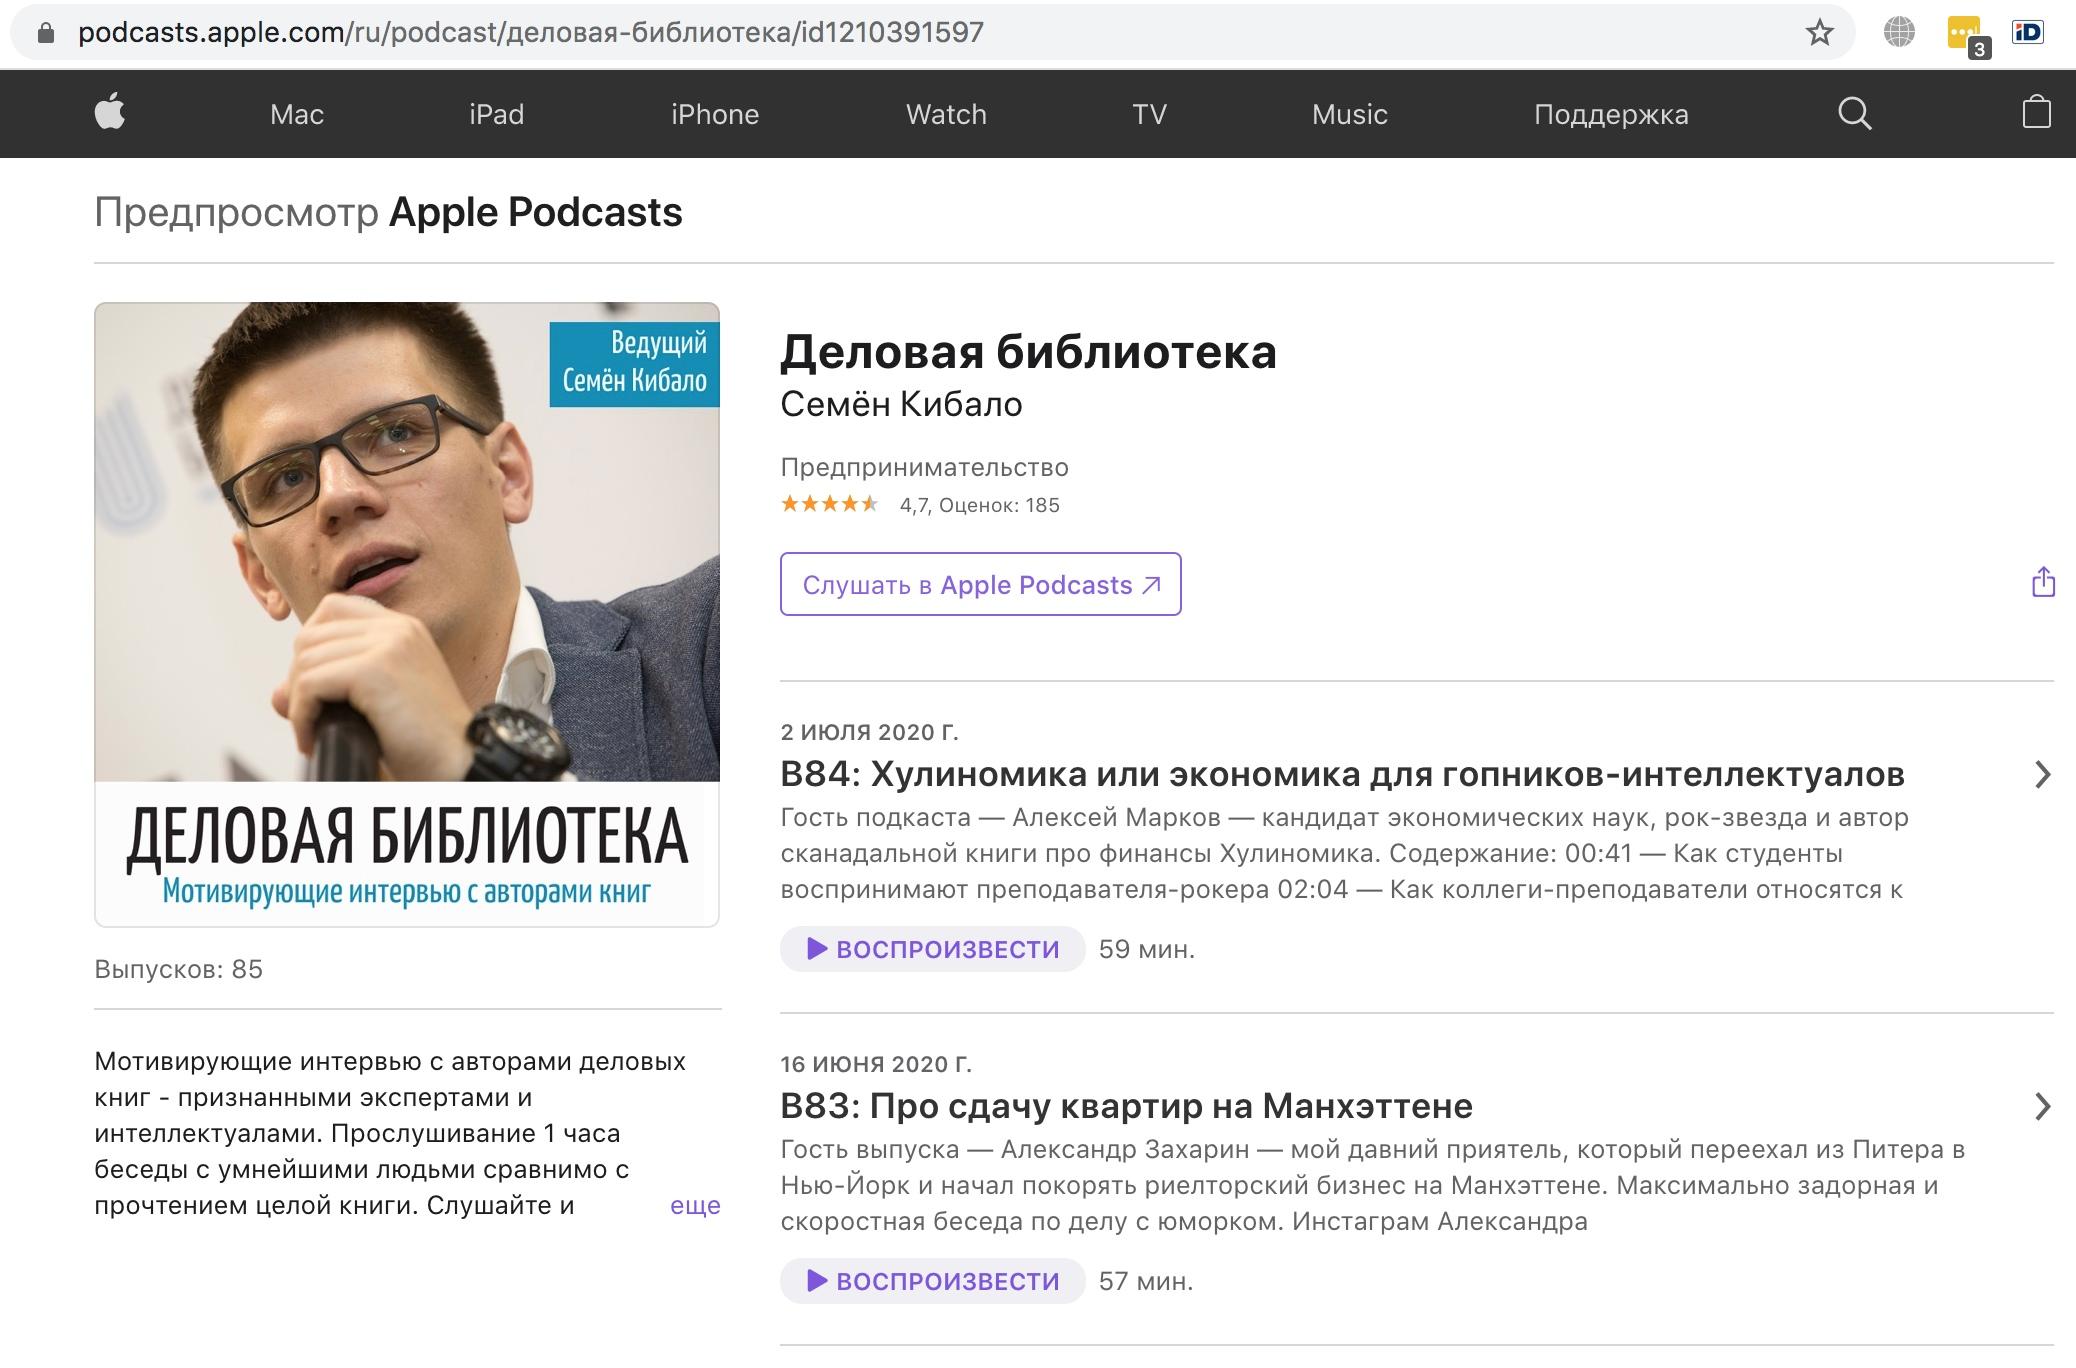 Подкаст «Деловая библиотека» на официальном сайте Apple